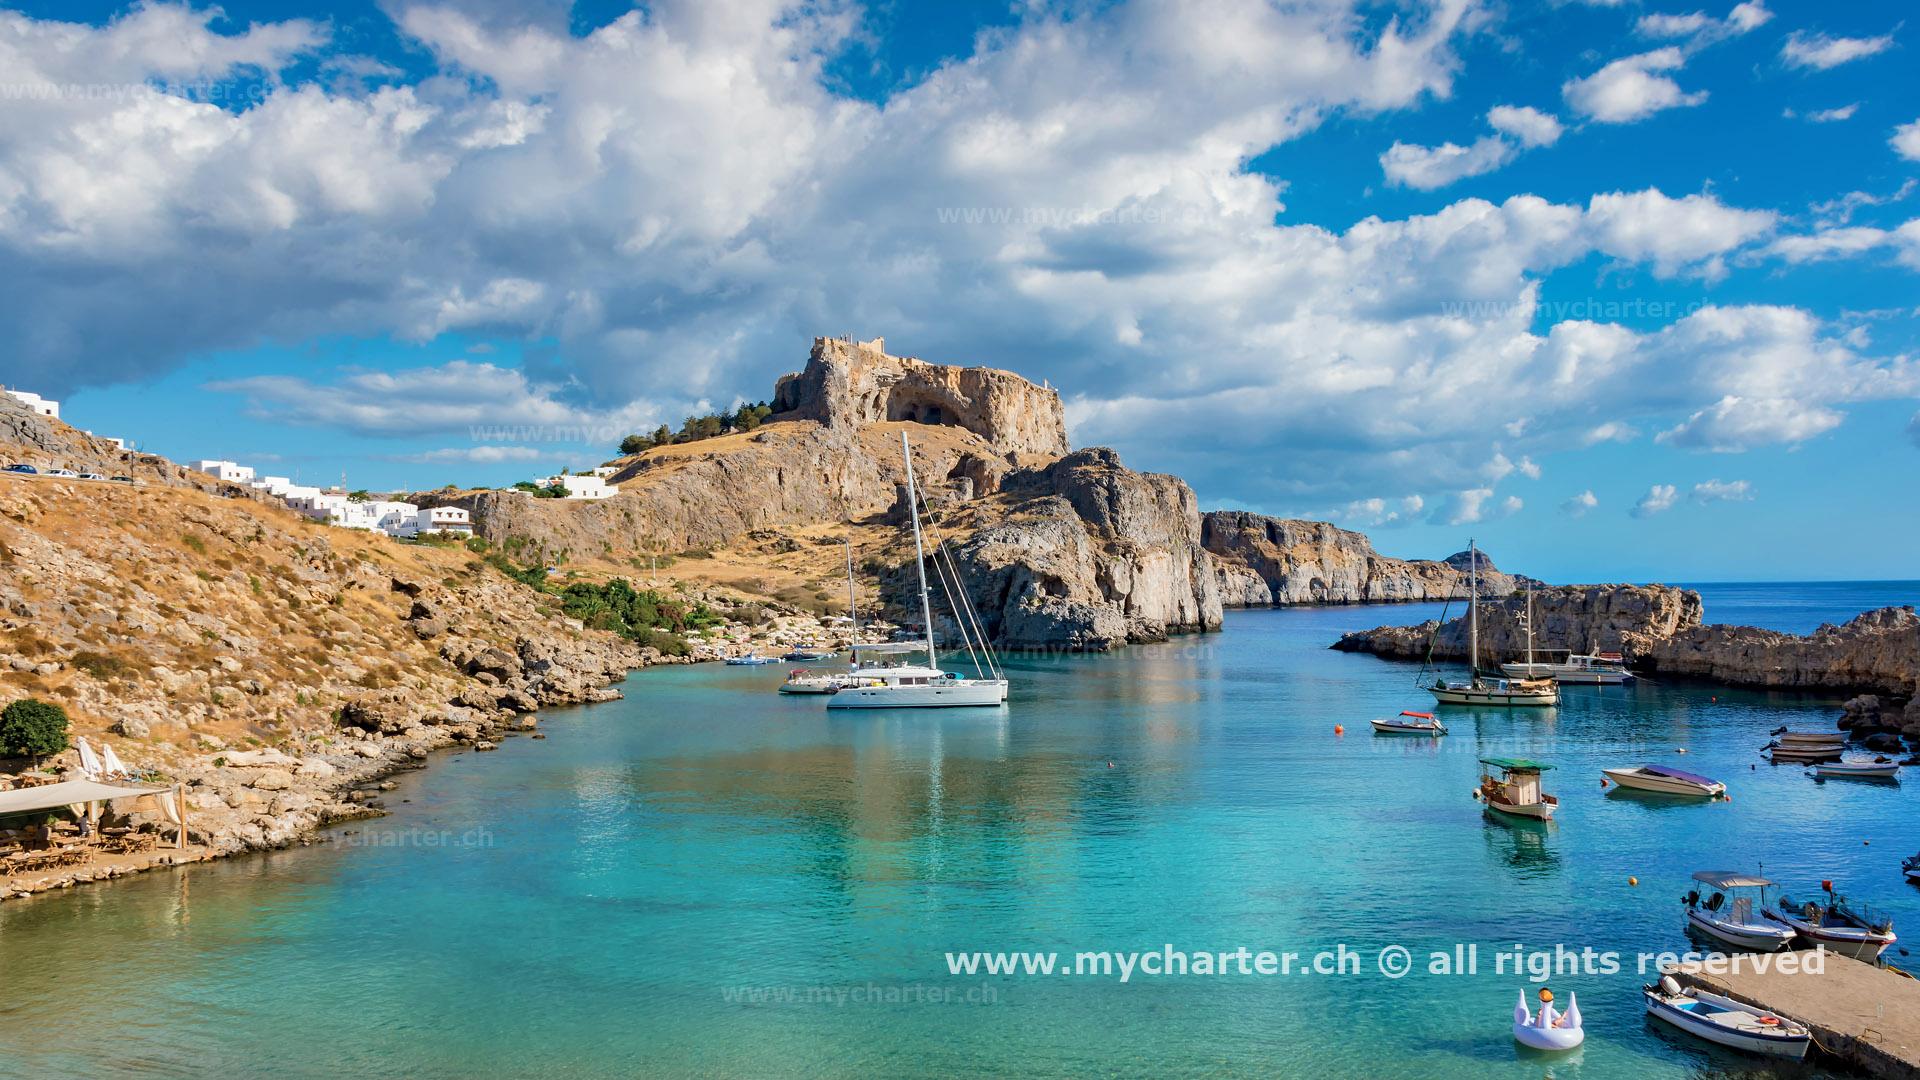 Griechenland - Rhodos